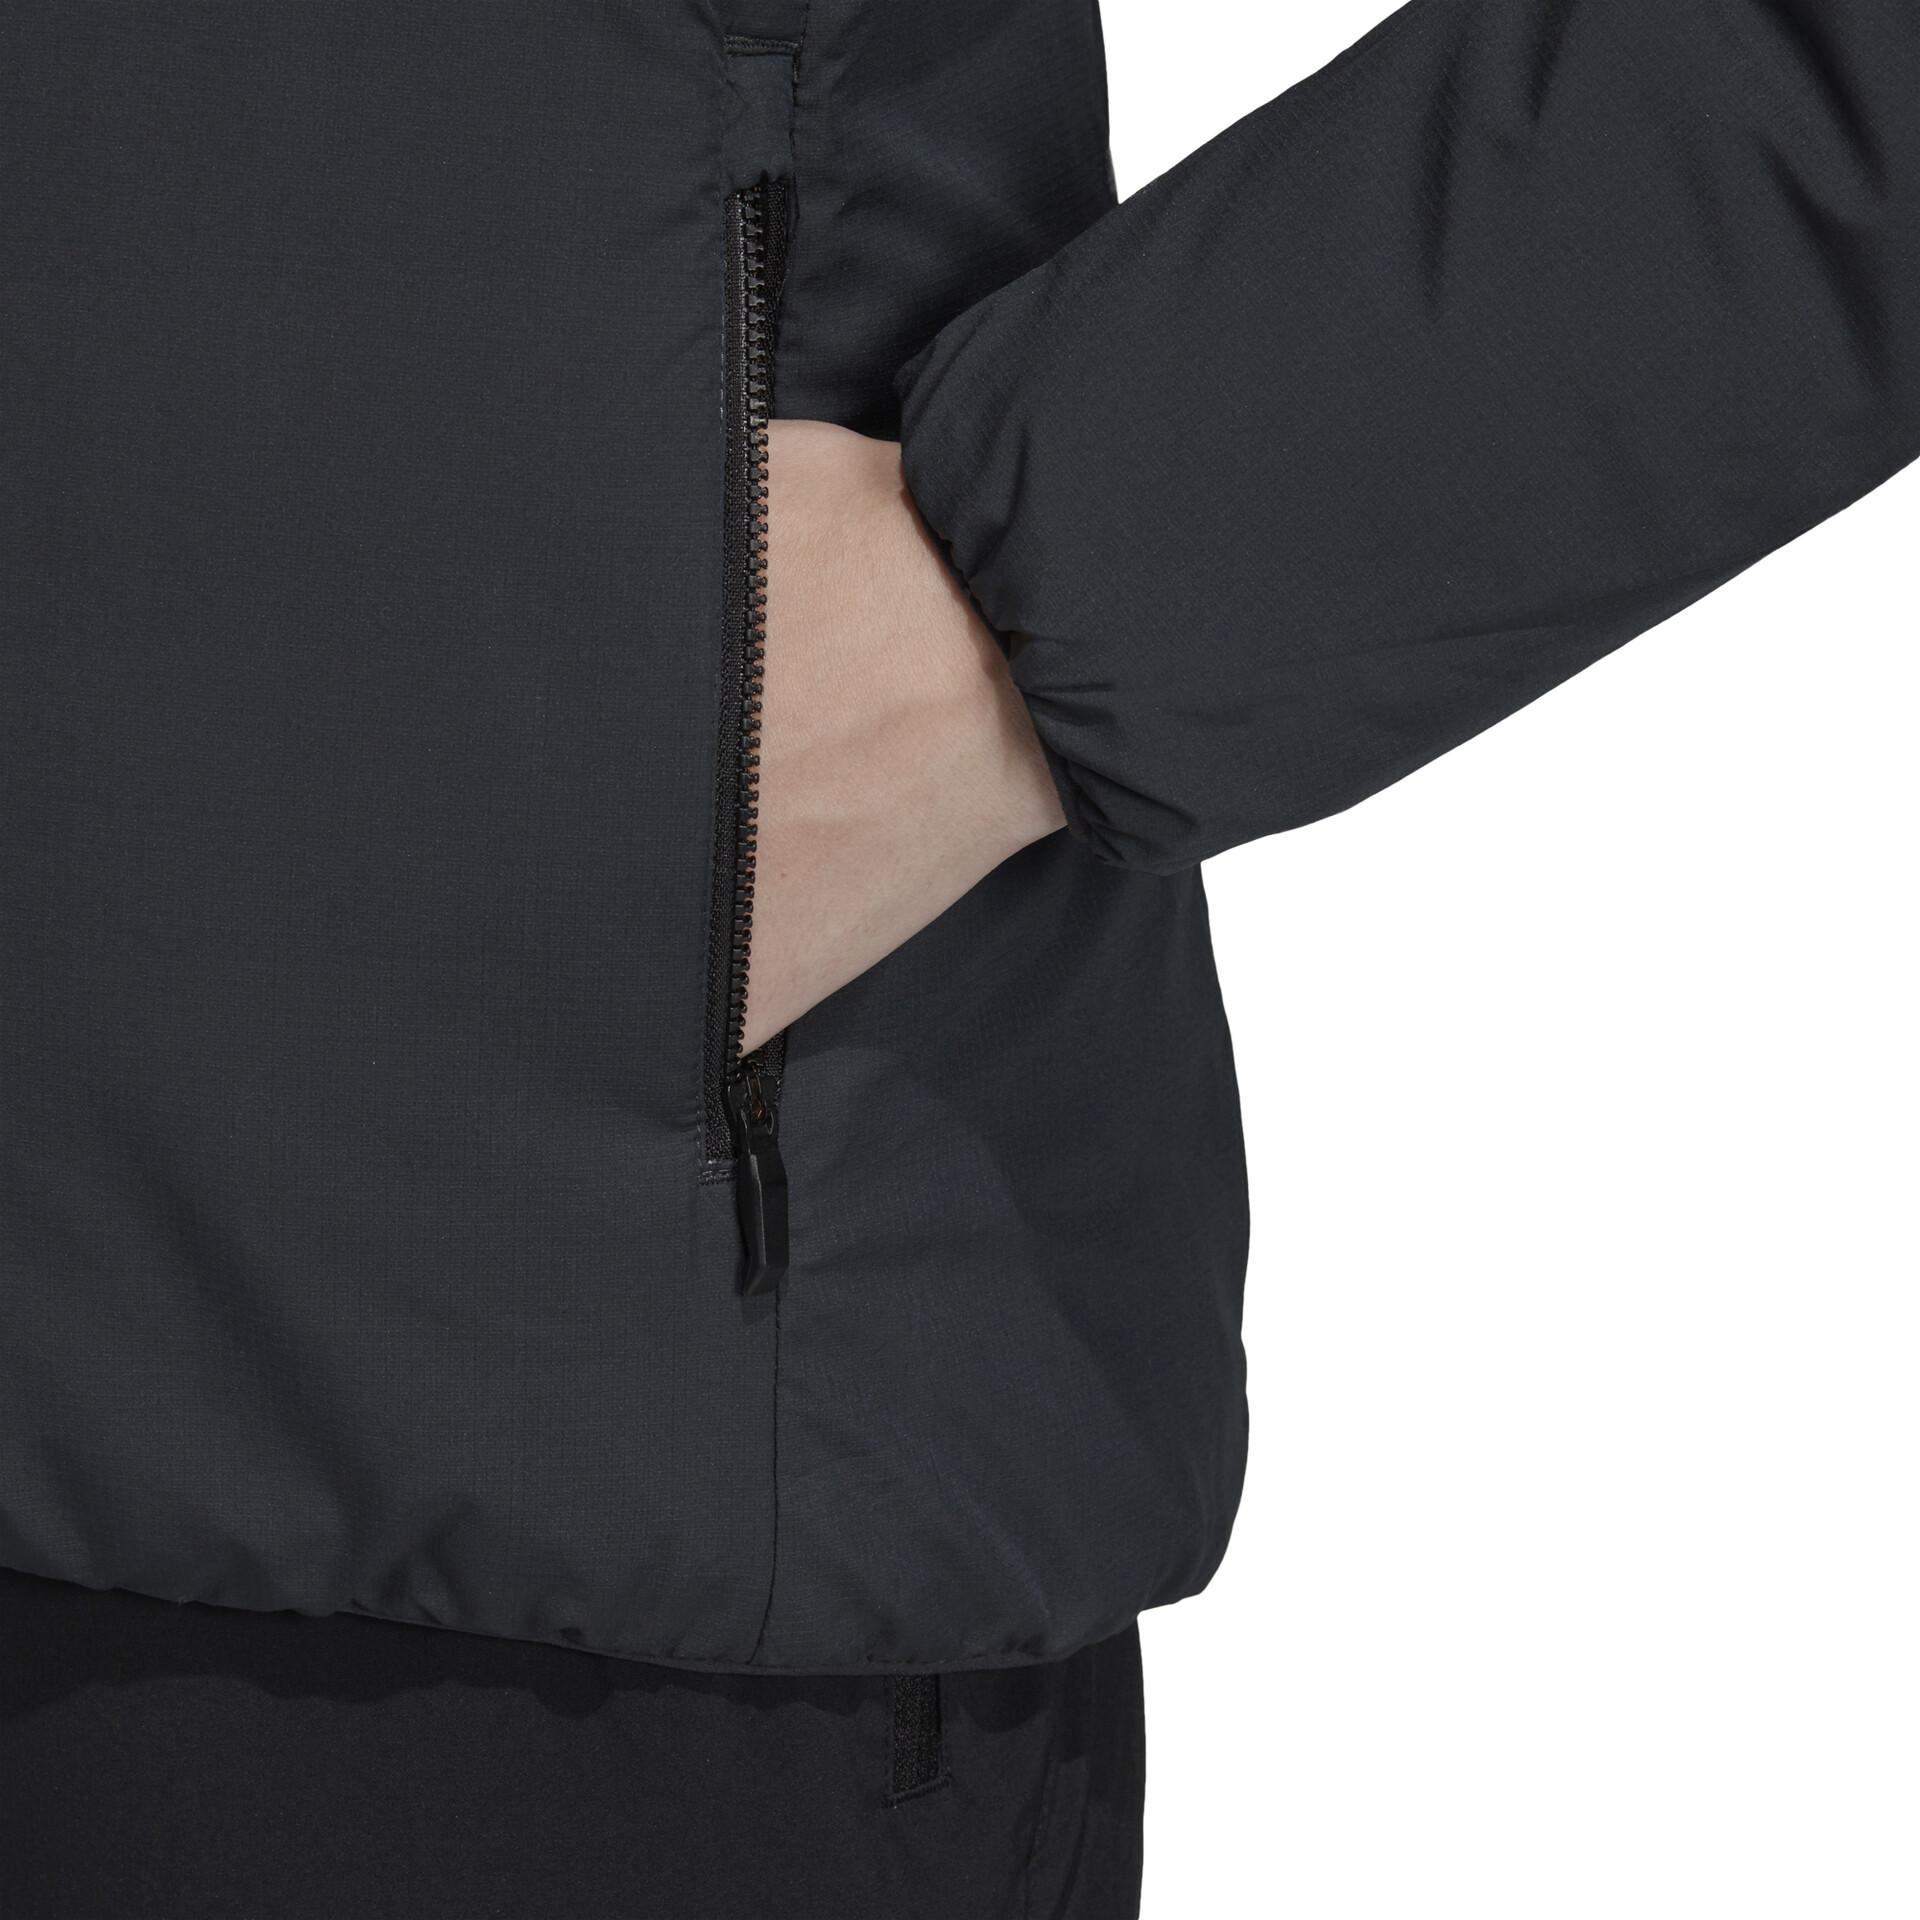 4eeffce87 adidas terrex inmotion leichte jacke damen tech